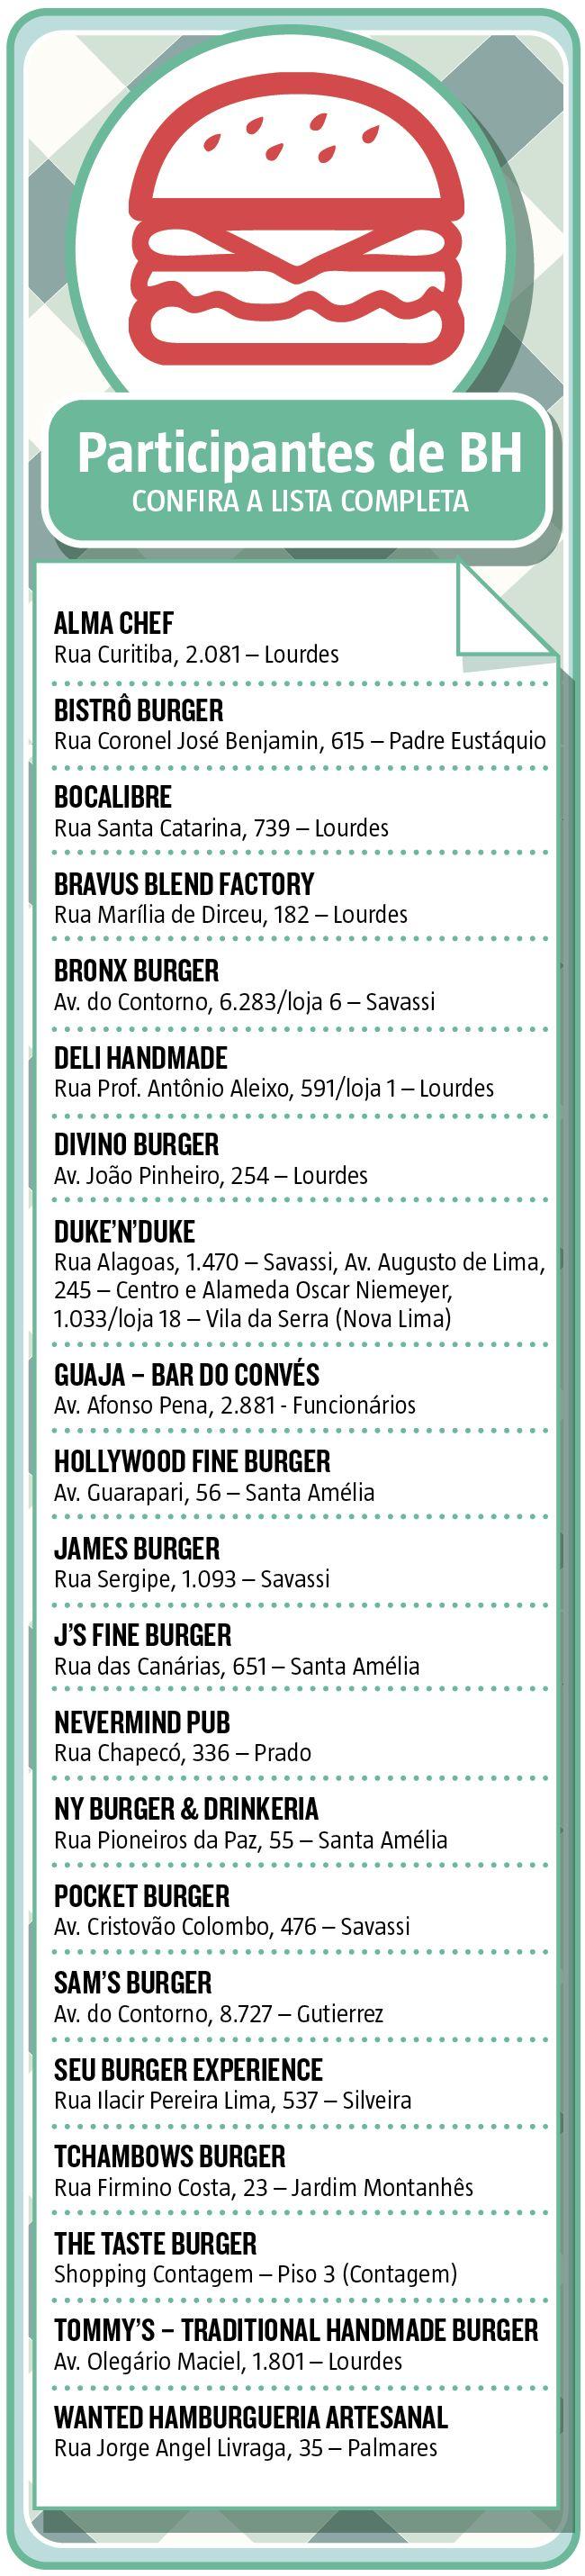 A capital mundial dos botecos é uma das quatro cidades brasileiras que recebem, simultaneamente, a primeira edição do ano do Burger Fest. Realizado há seis anos em localidades escolhidas a dedo para dar cara nova à receita popularizada pelo McDonald's (06/05/2017) #Hamburguer #Sanduiche #Festival #BH #Belo #Horizonte #BeloHorizonte #Boteco #Burger #Fest #BurgerFest #Caseiro #Infográfico #Infografia #HojeEmDia